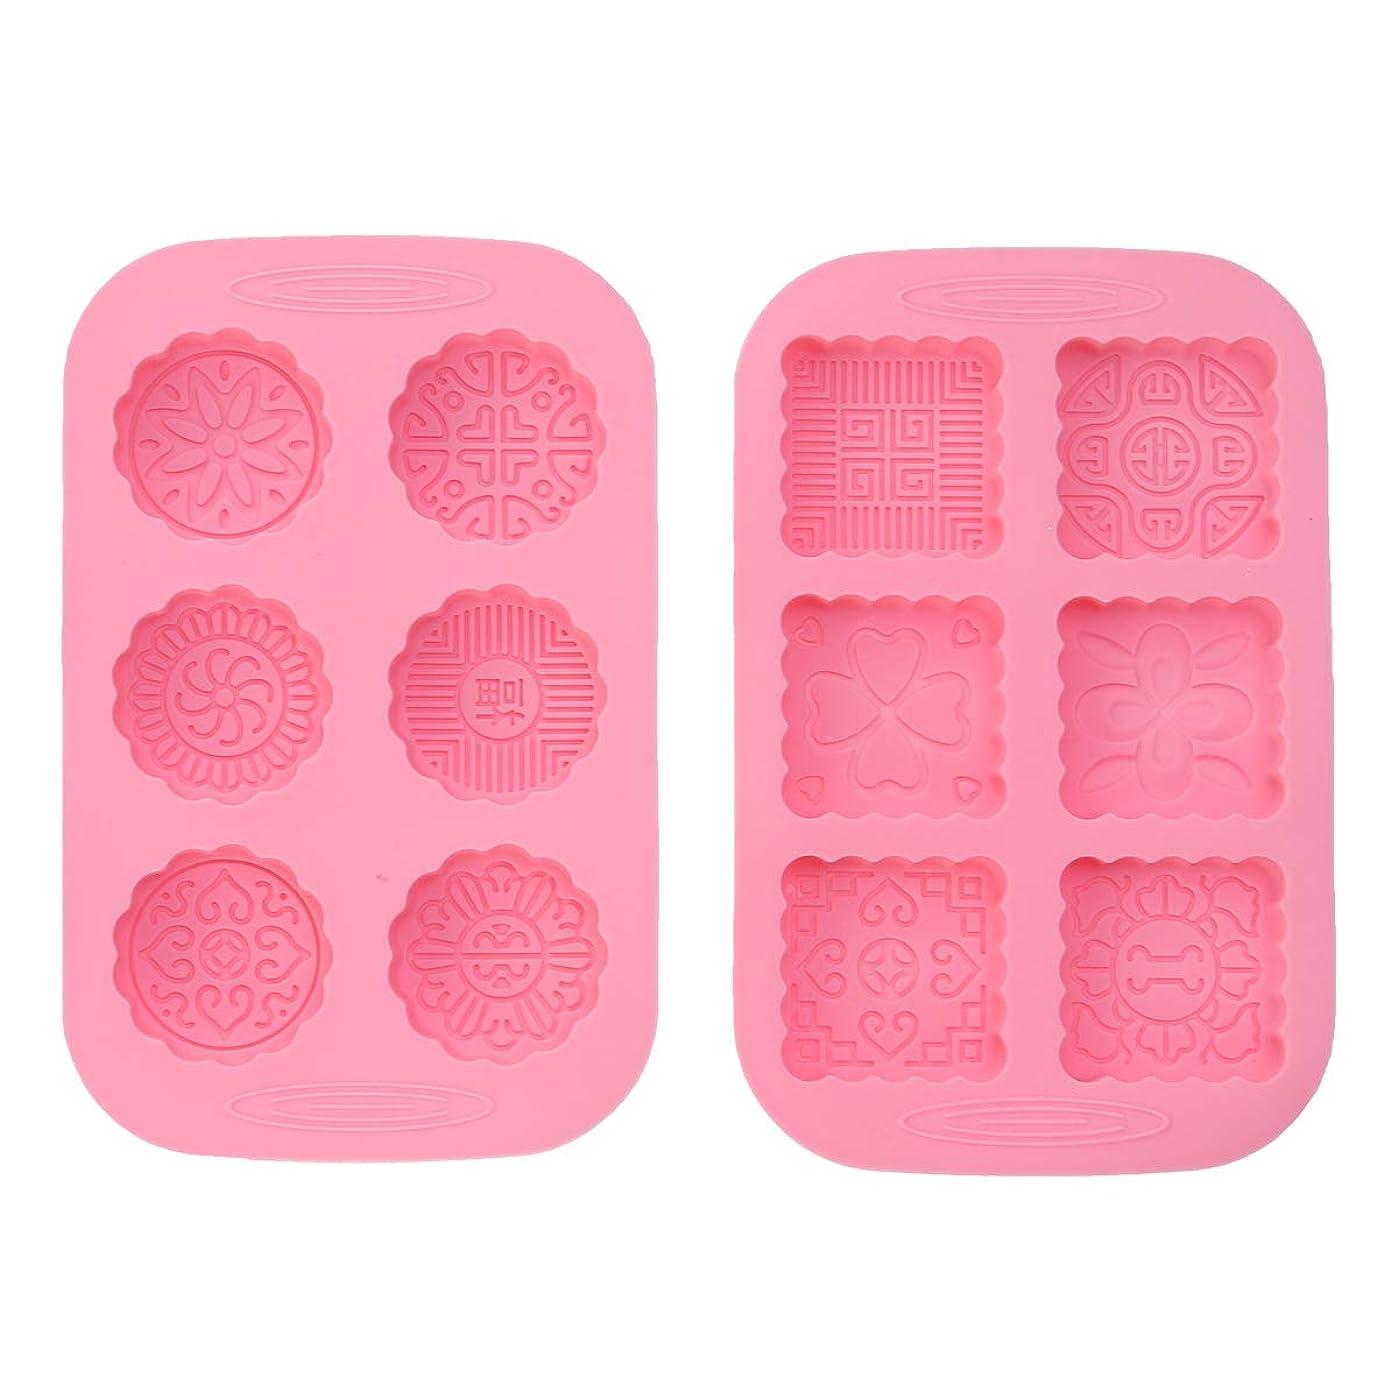 願望後方にストリームSUPVOX 2本シリコンケーキマフィンムーンケーキ型花型金型DIYフォンダンショコラキャンディ金型アイスゼリーソープキューブトレイ(ピンク)